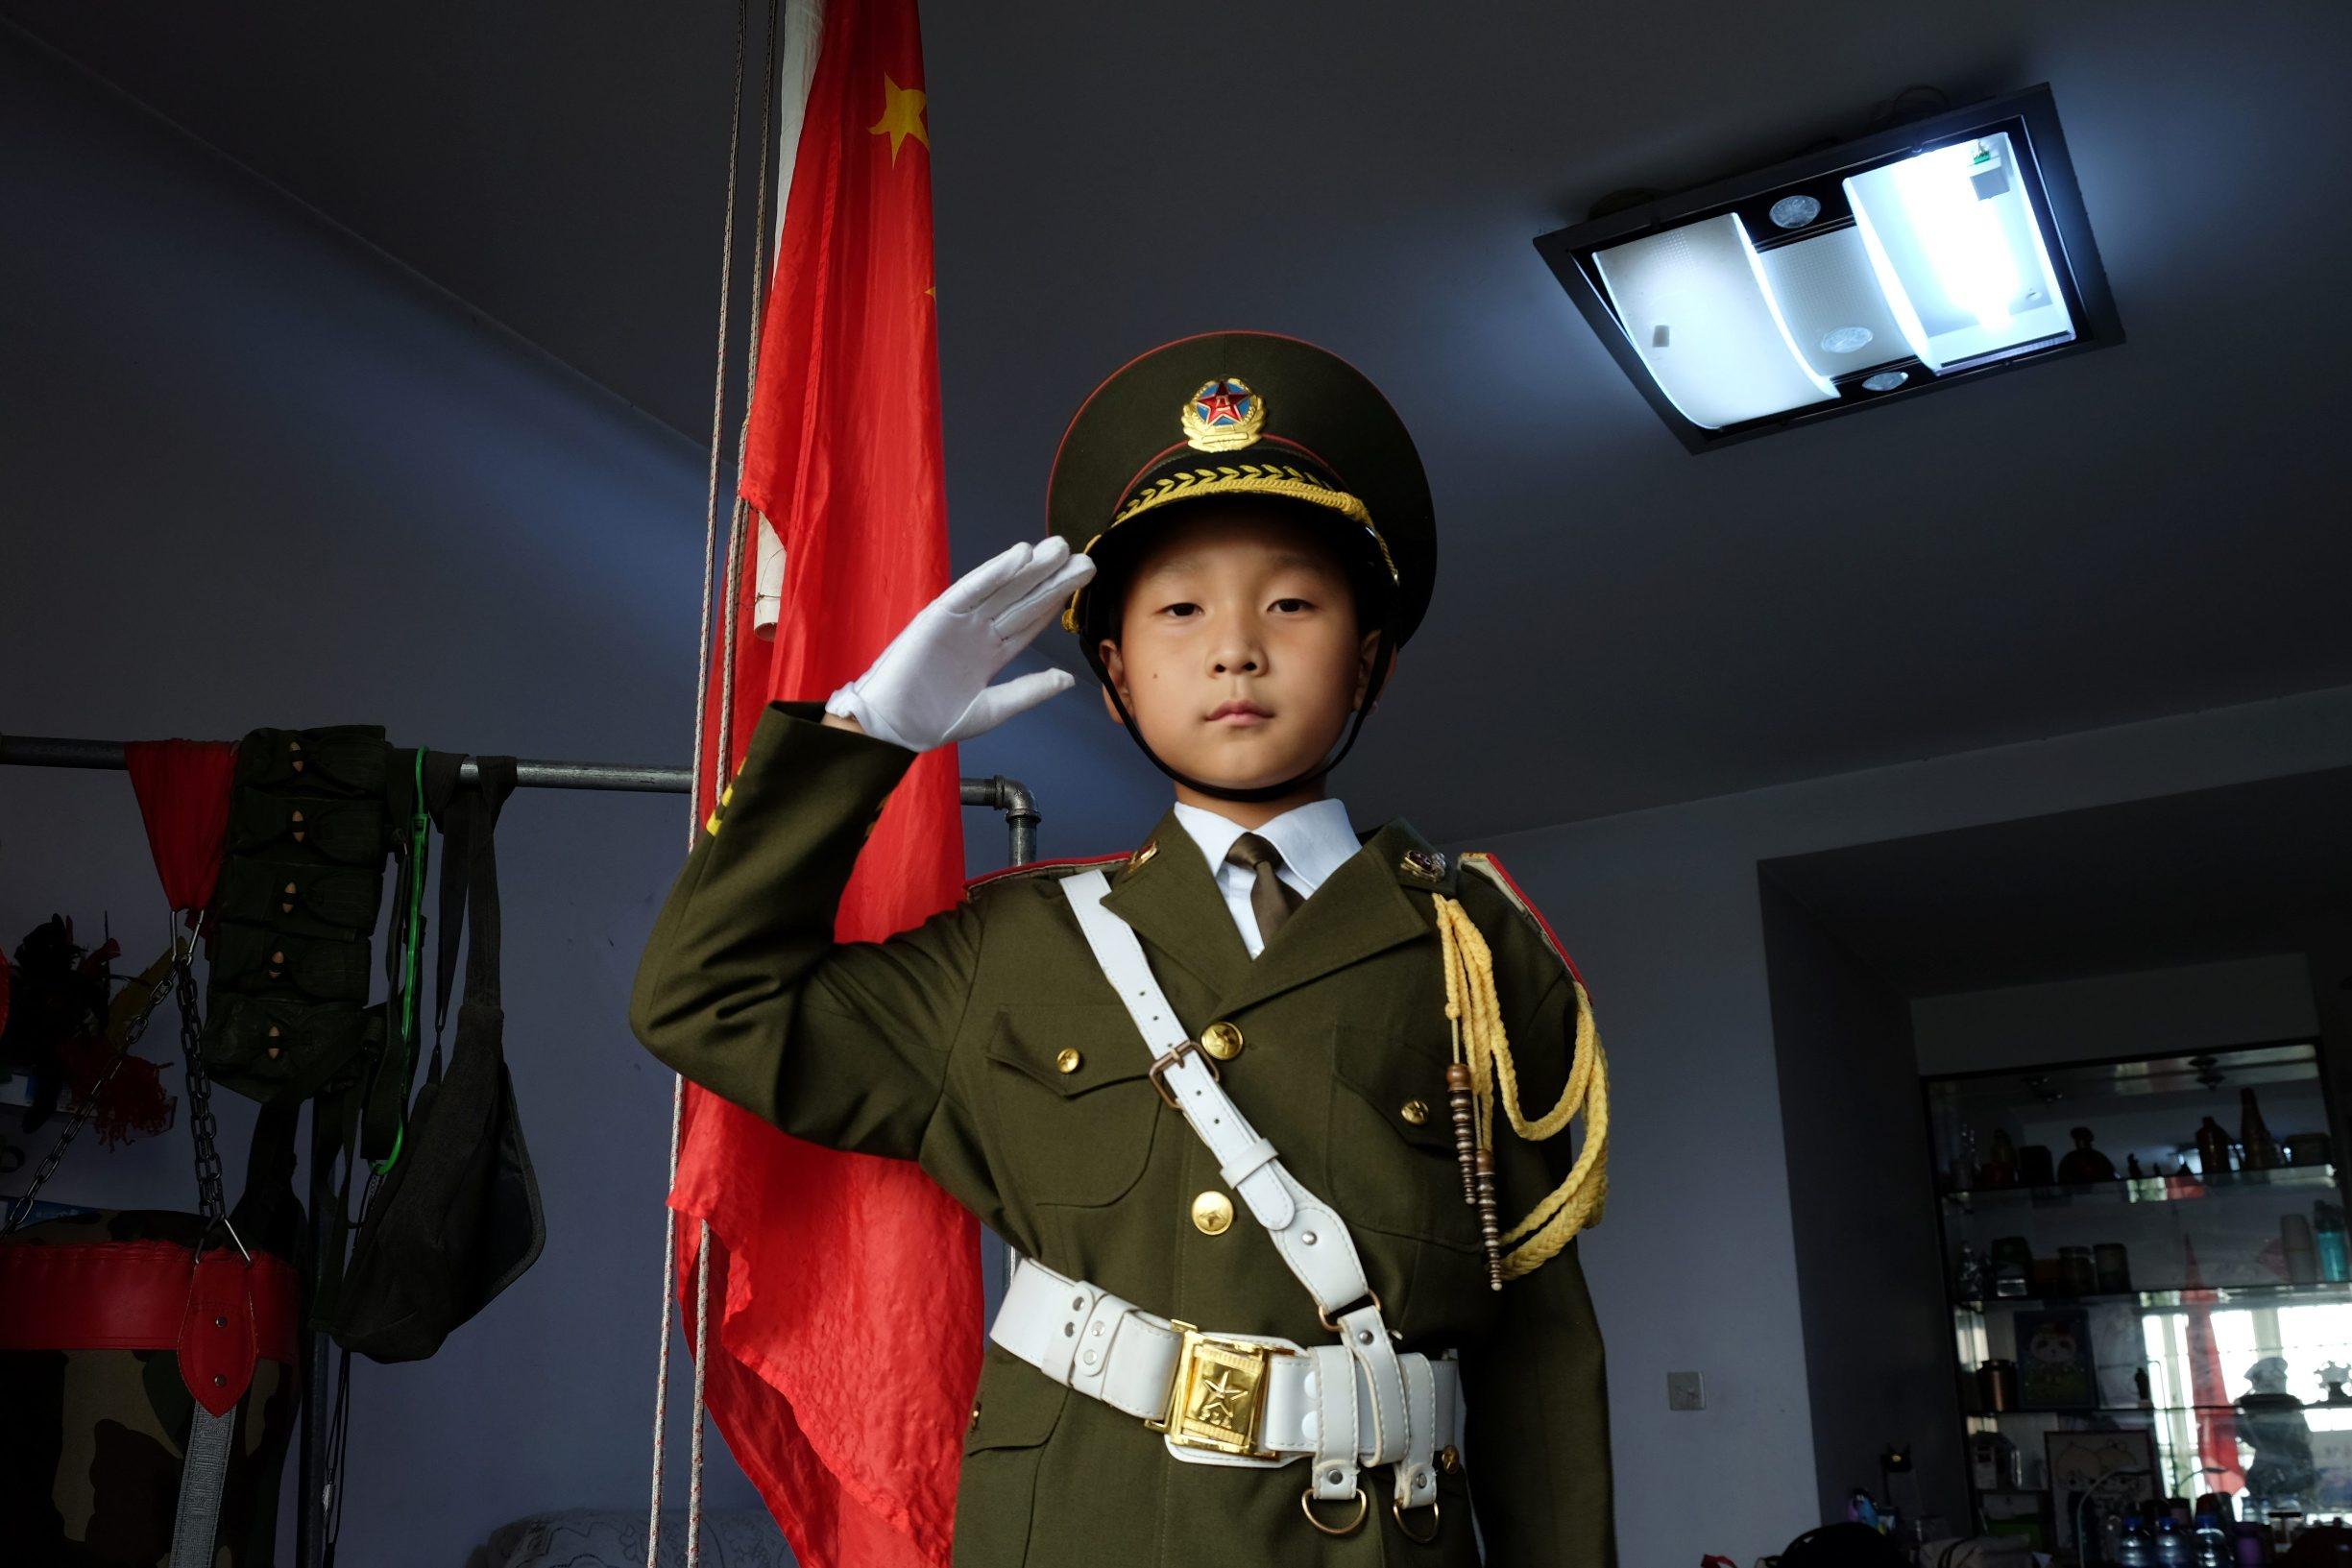 2019-09-28T050648Z_766687284_RC1A732C1330_RTRMADP_3_CHINA-ANNIVERSARY-FLAG-BOY